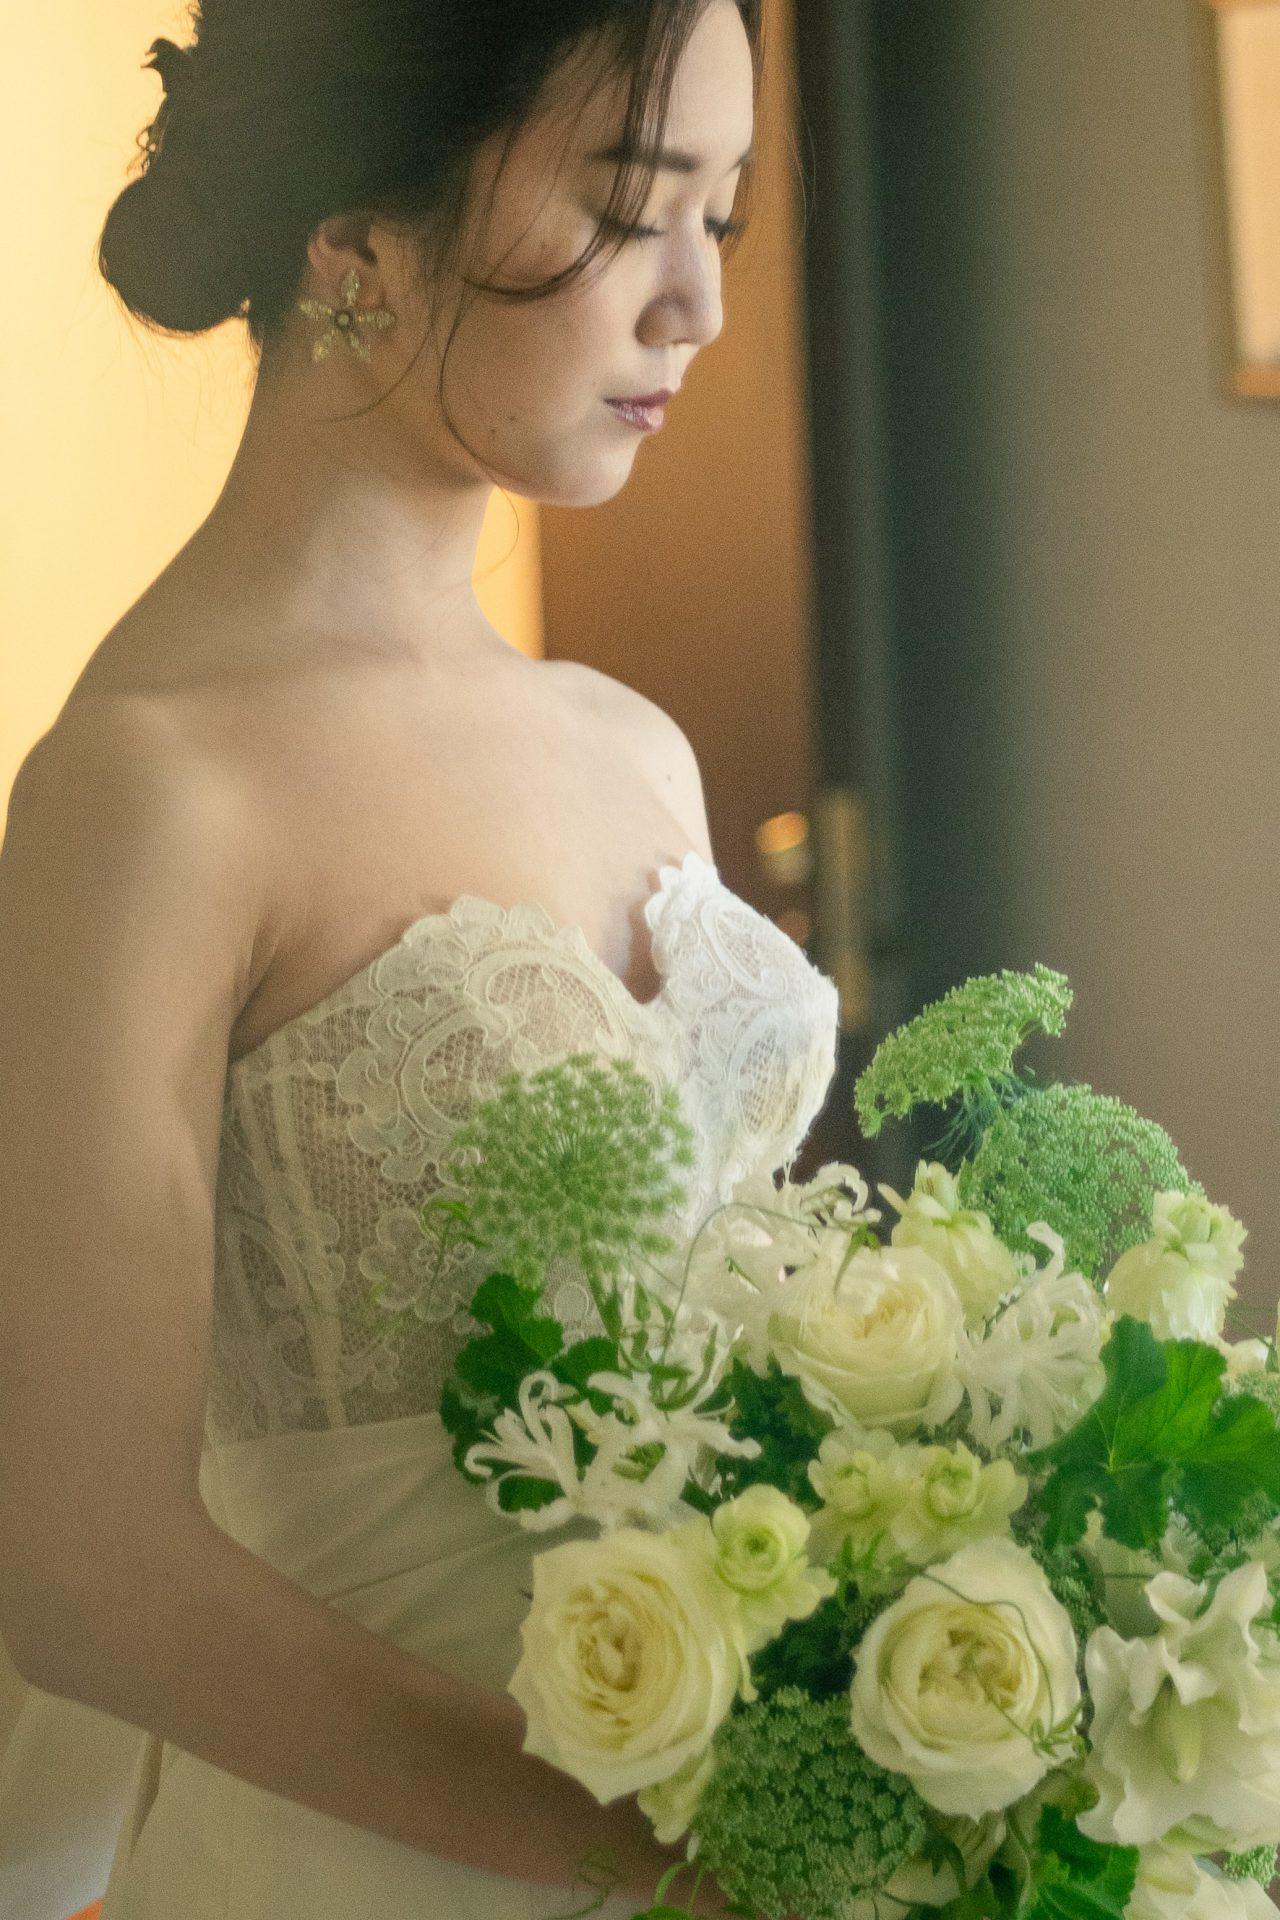 京都エリアにてご結婚式(和婚)・ご披露宴をお考えの方におすすめの会場、フォーチュンガーデン京都におすすめのウェディングスタイル